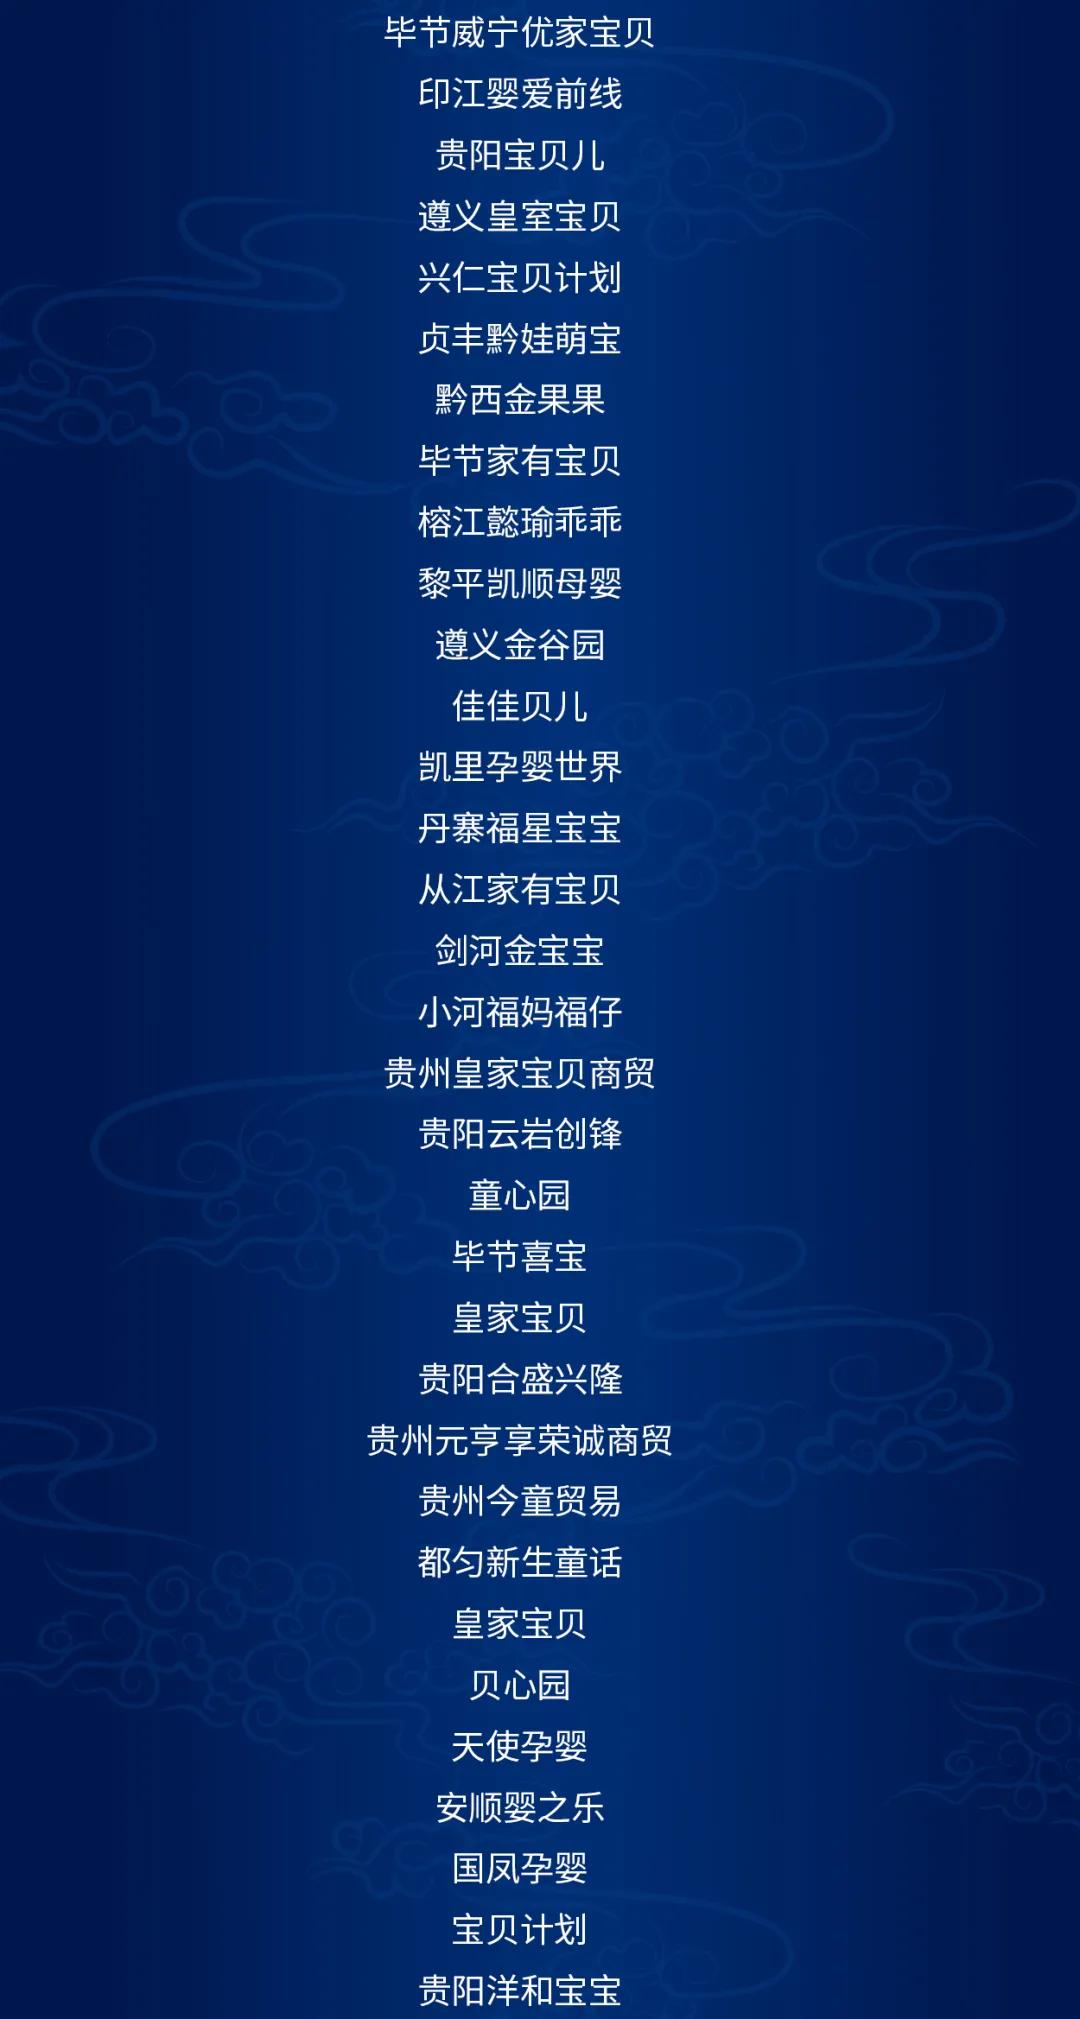 动销贵州③|拟邀部分渠道名单公布